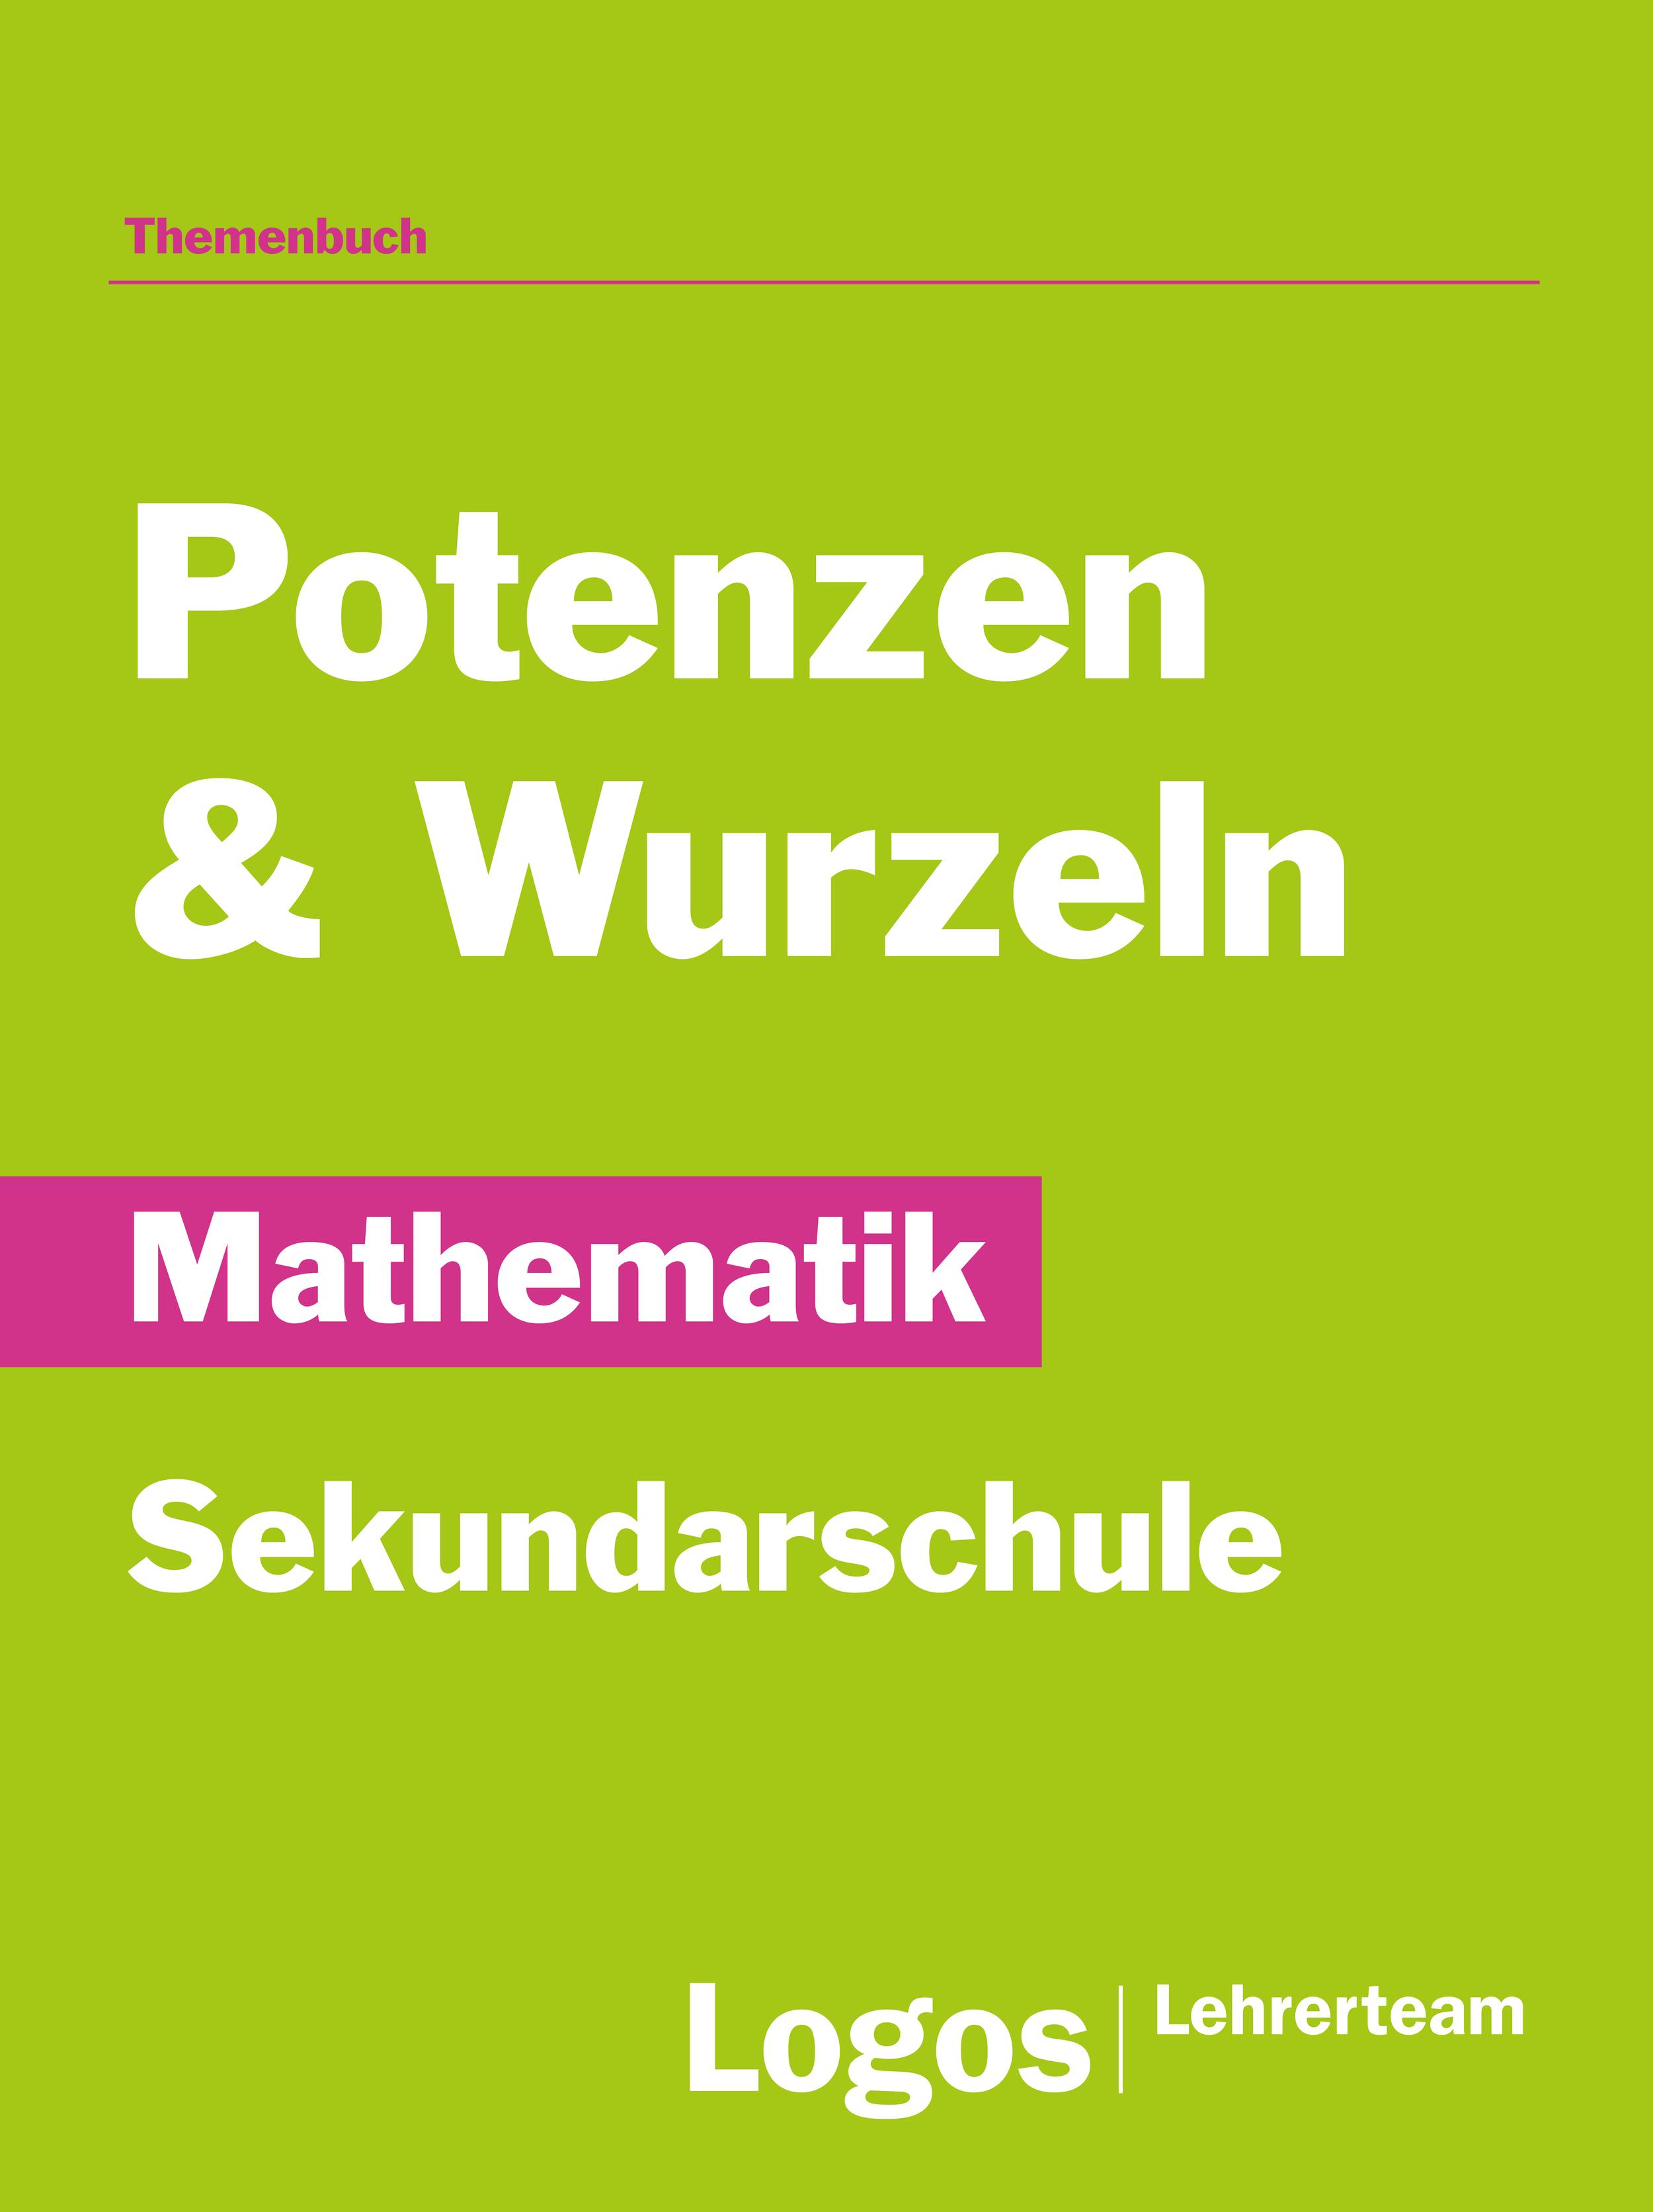 Mathematik Potenzen und Wurzeln - Sekundar